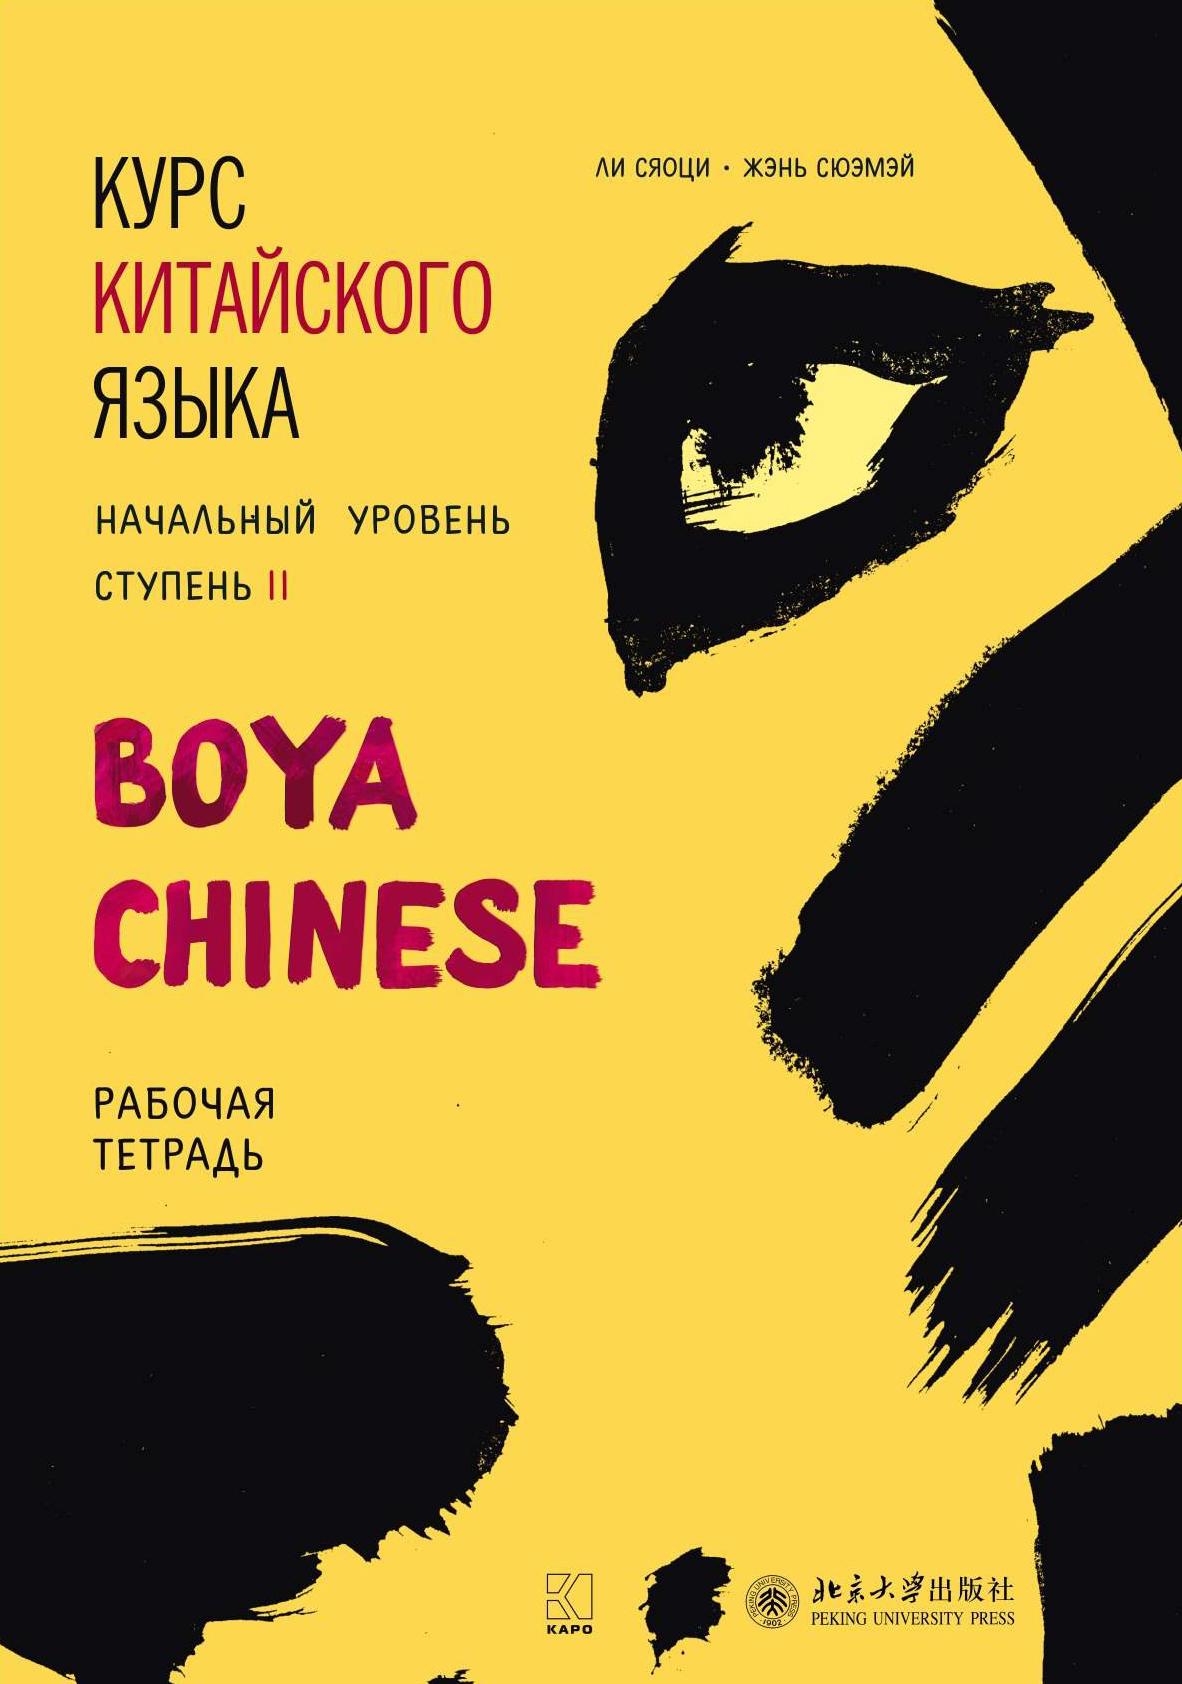 Ли Сяоци Курс китайского языка «Boya Chinese». Начальный уровень. Ступень II. Рабочая тетрадь скальп петуха veniard chinese cock cape